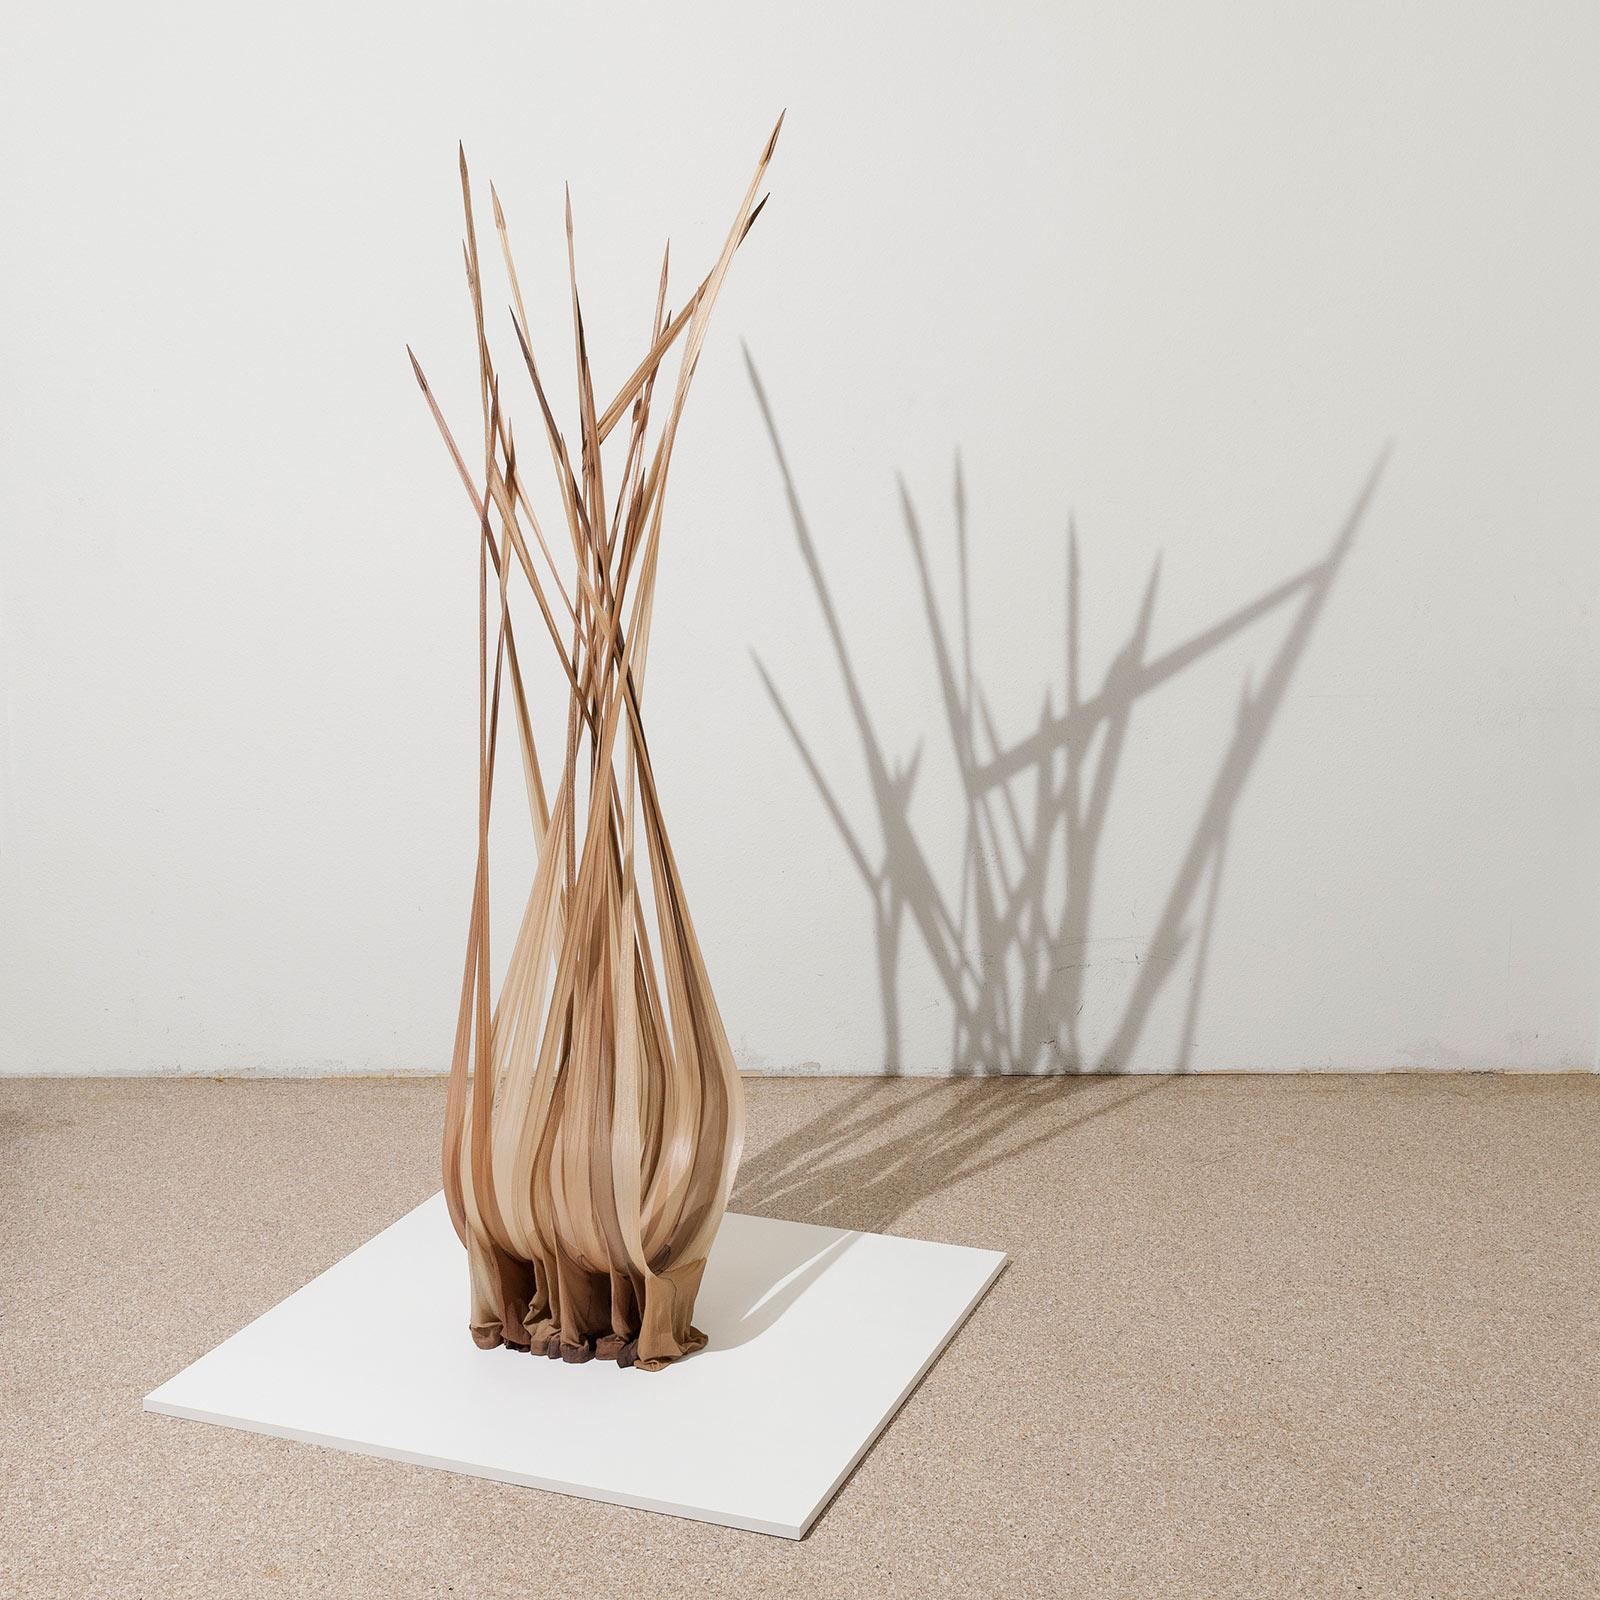 Objekt aus verschiedenen Strumpfhosen in beige und brauntöne mit Epoxidharz, stehend auf einer quadratischen weissen Holzplatte